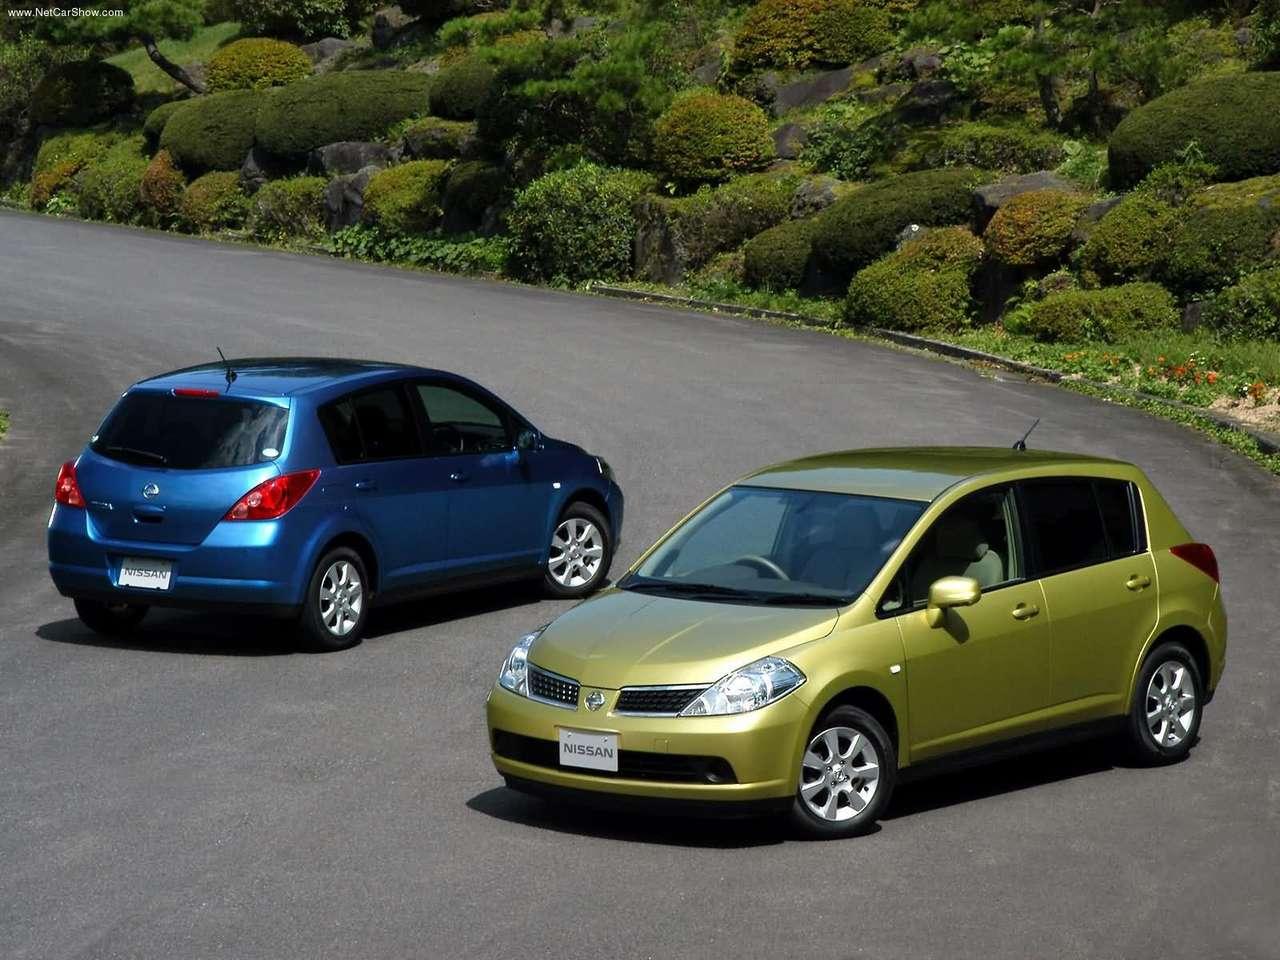 http://1.bp.blogspot.com/-gveR9maYN50/TXtImkAp9DI/AAAAAAAAFag/1MNdm6_lJxY/s1600/Nissan-Tiida_2004_1280x960_wallpaper_03.jpg